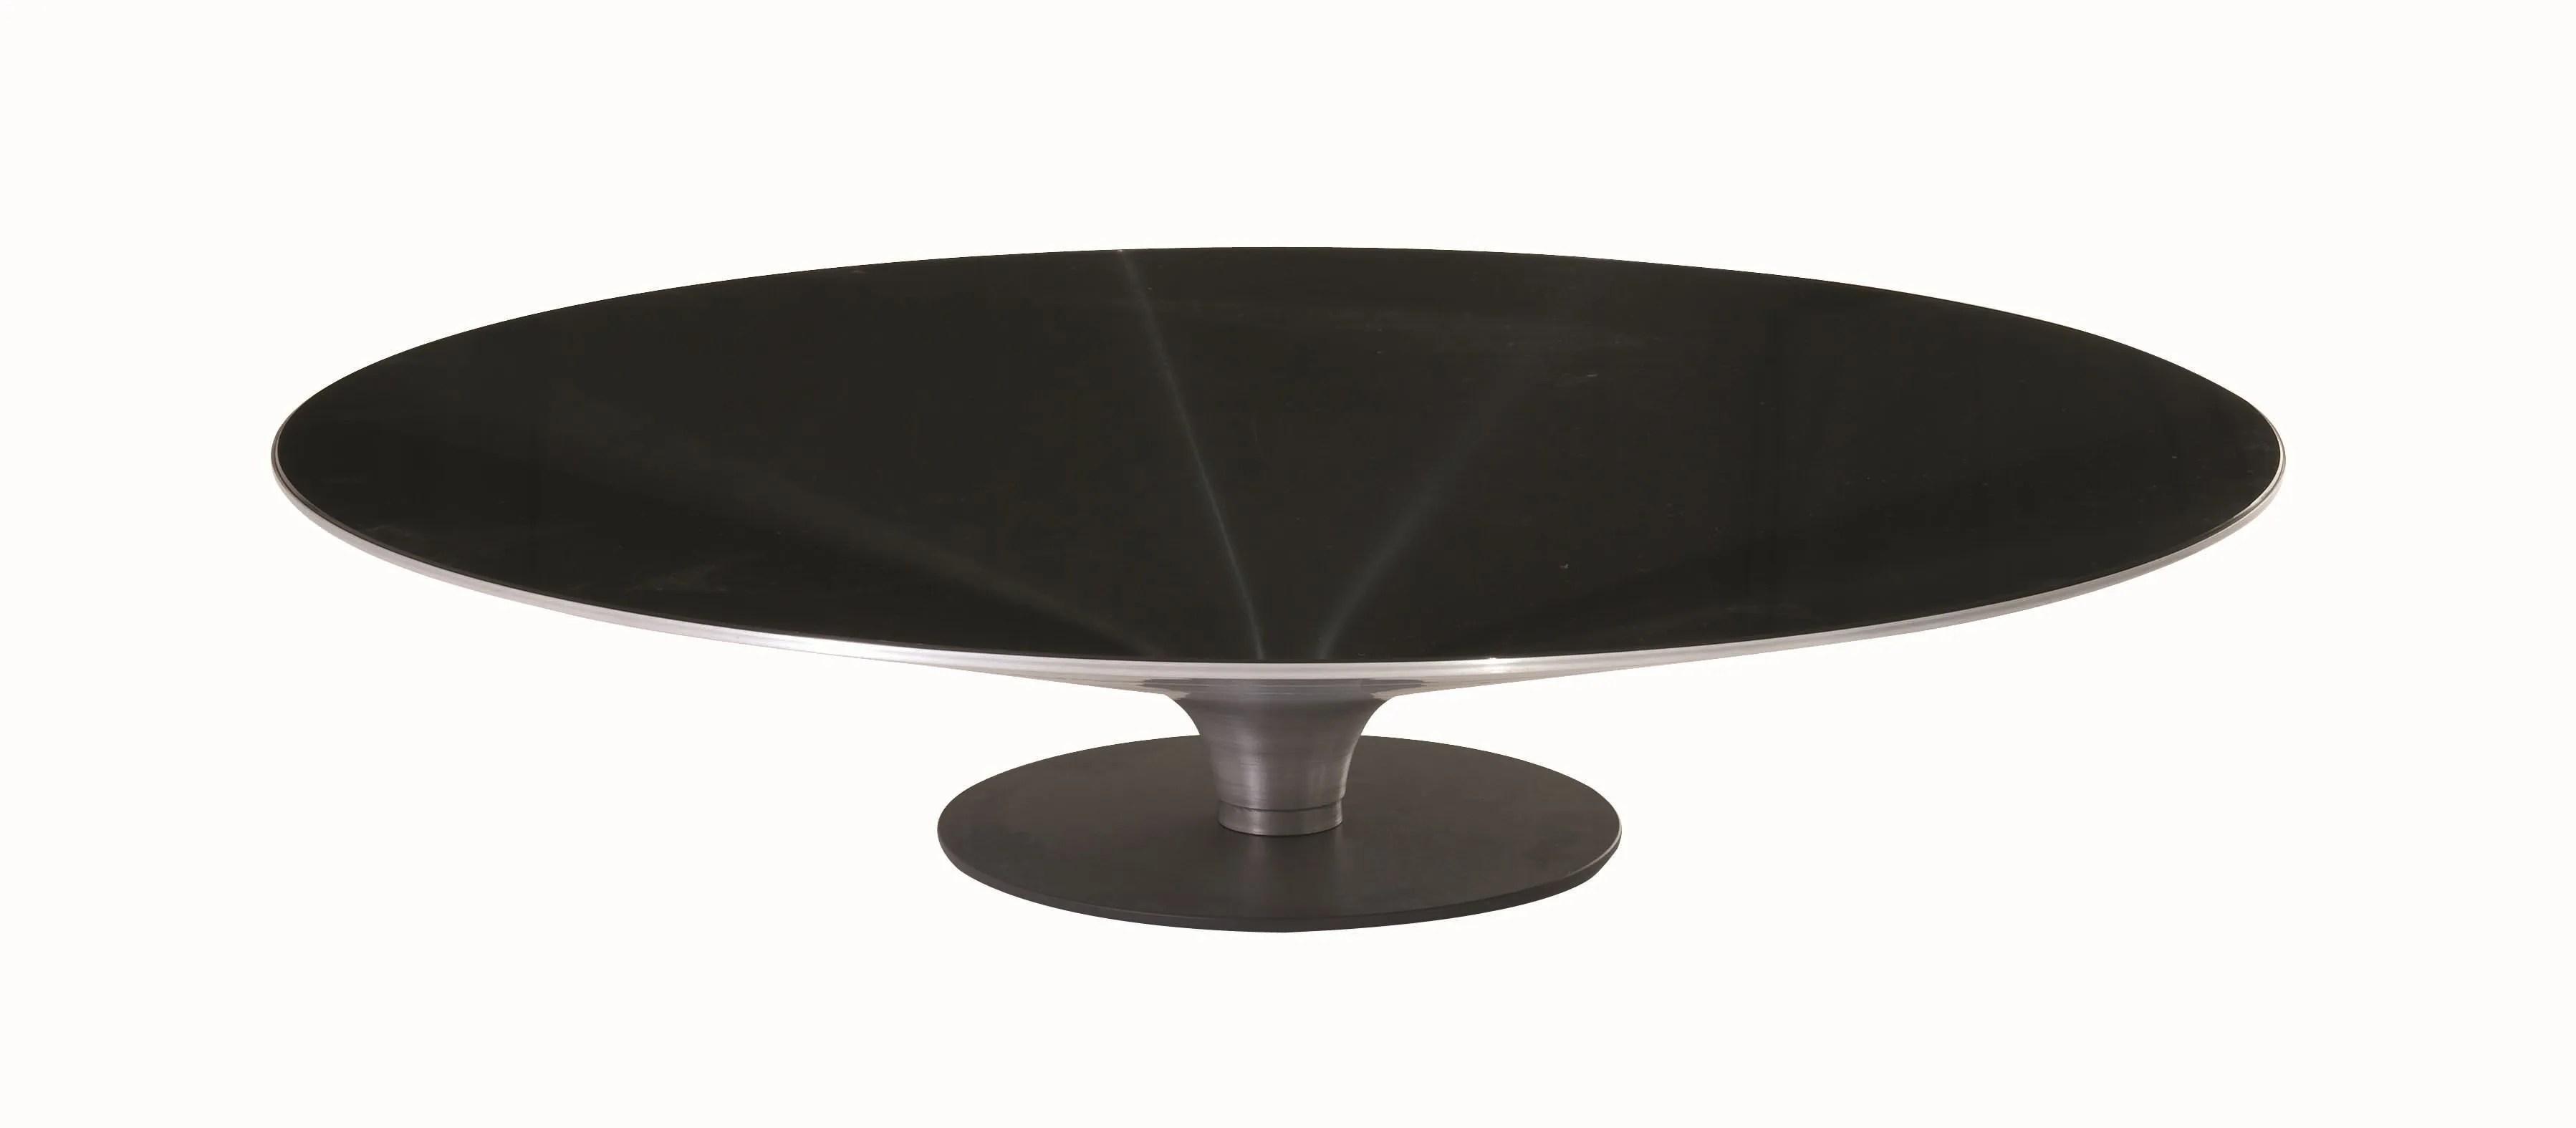 Table Basse Ovni Roche Bobois Occasion Prix